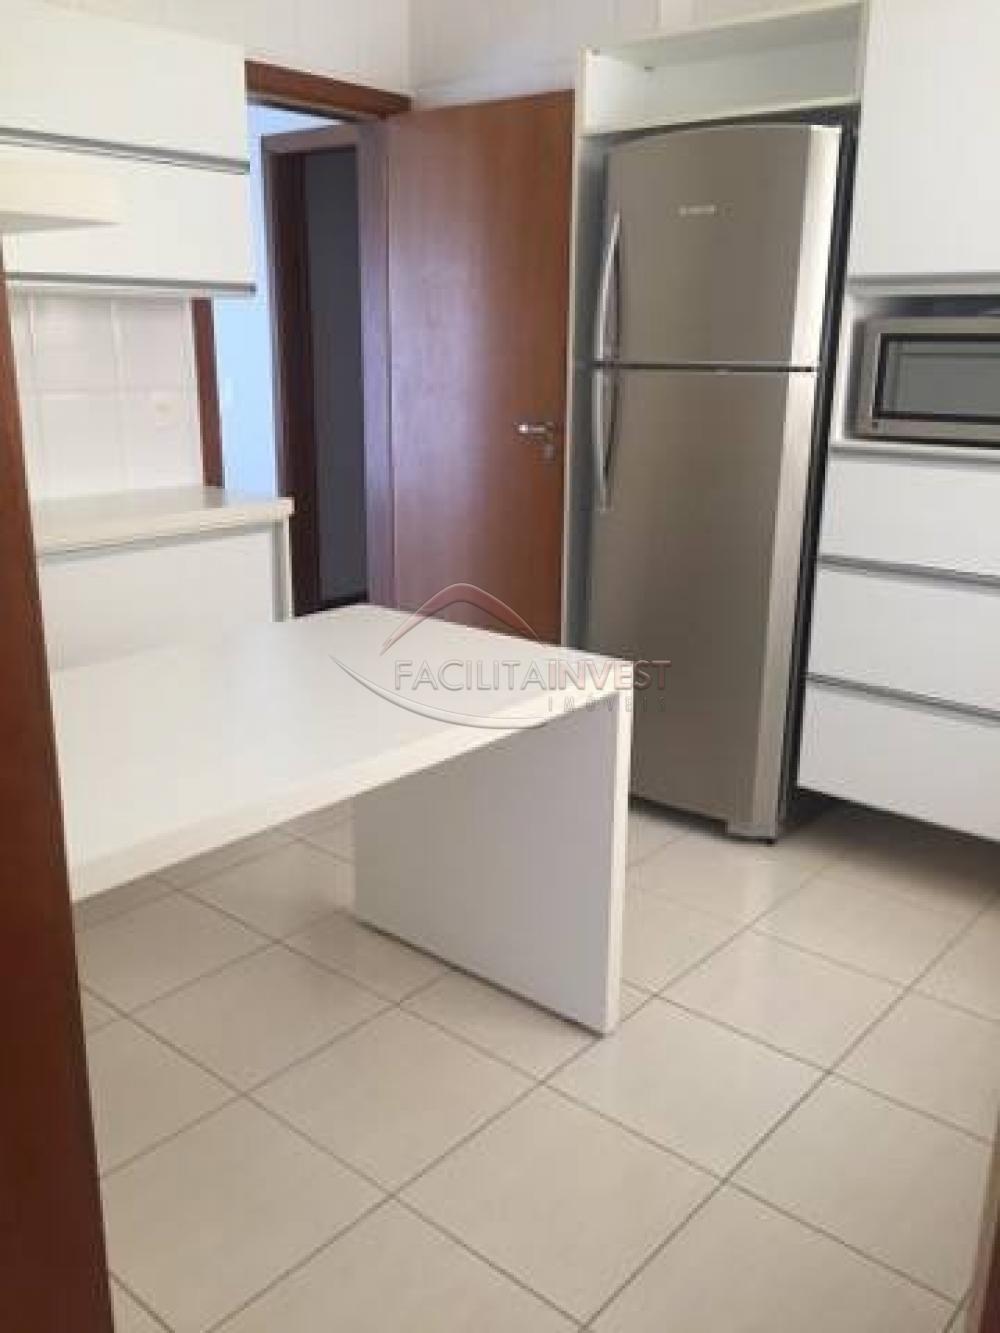 Comprar Apartamentos / Apart. Padrão em Ribeirão Preto apenas R$ 800.000,00 - Foto 27